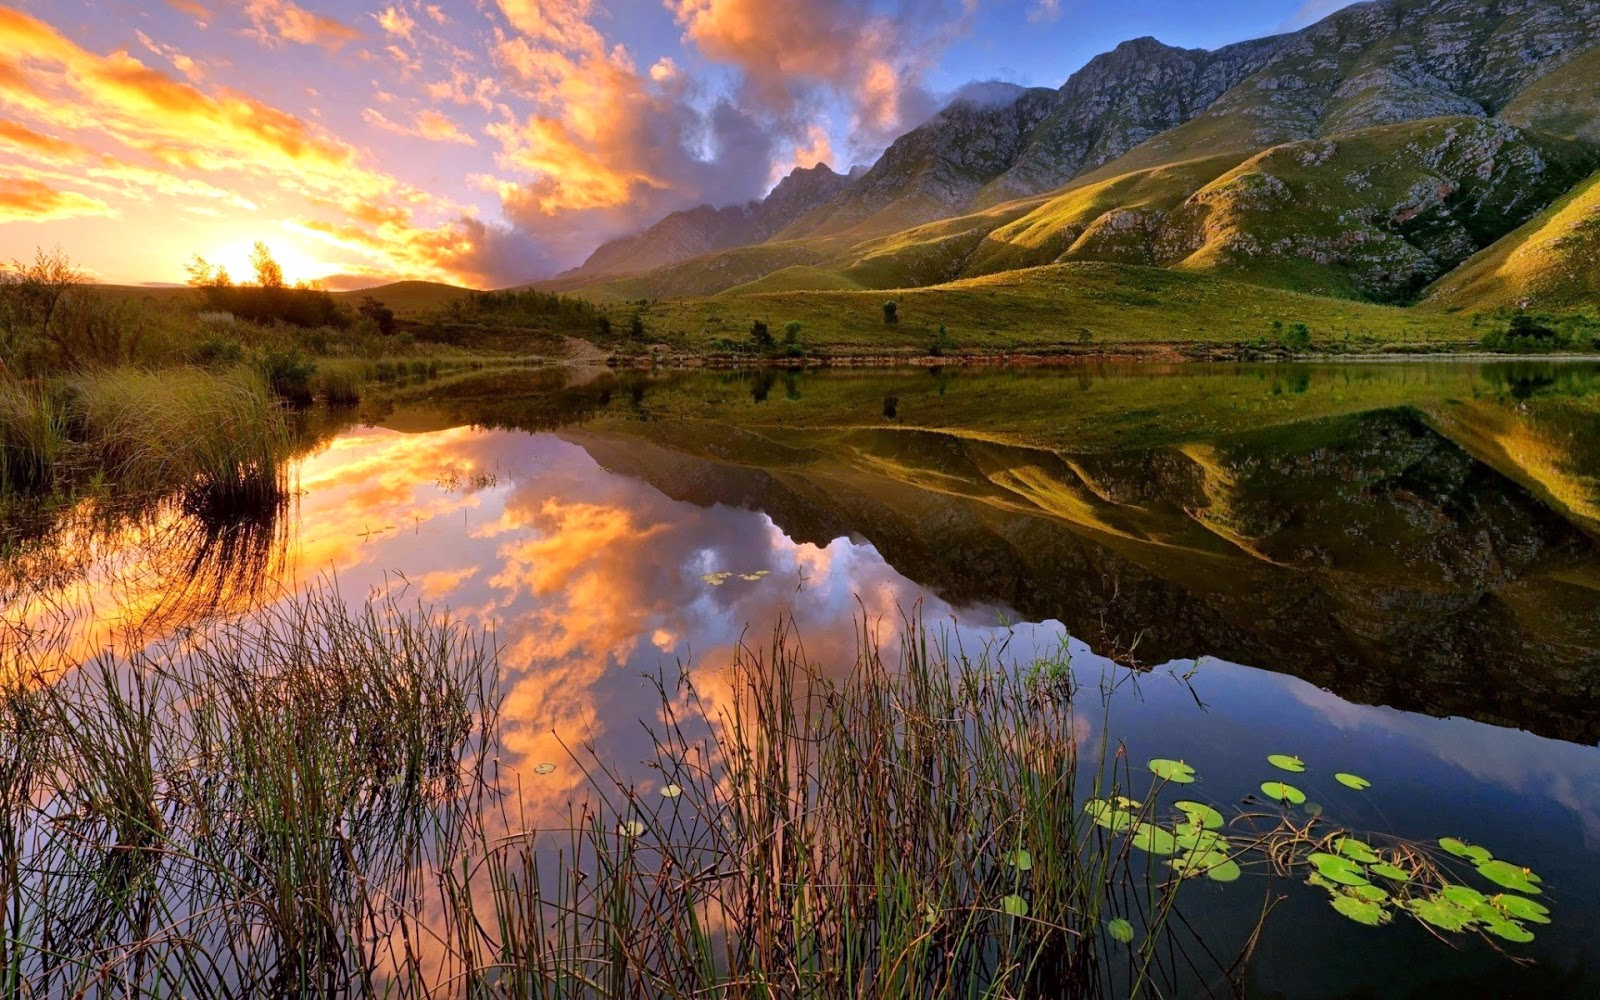 Los paisajes más espectaculares del mundo (Fotos  - Imagenes De Paisajes Espectaculares